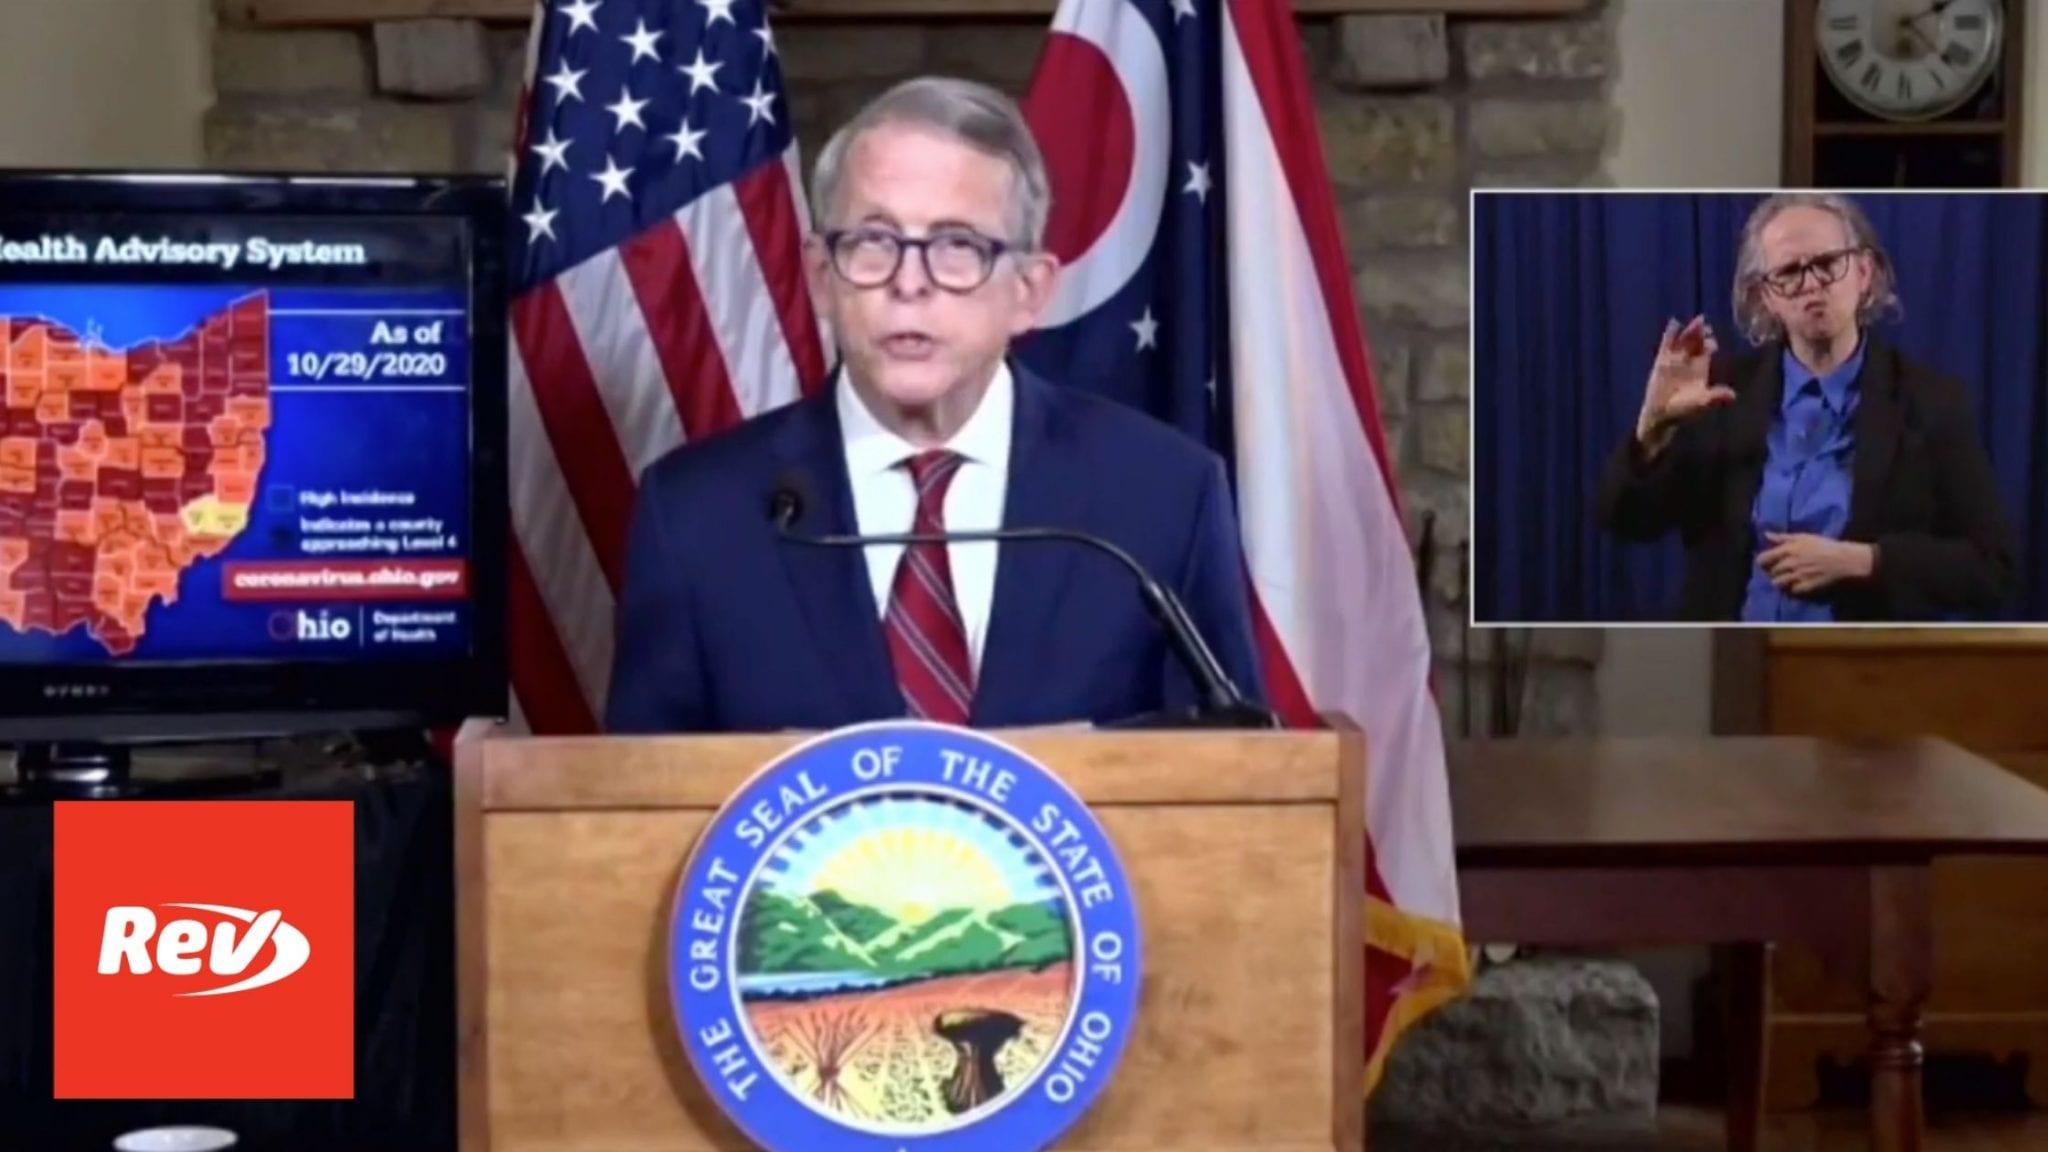 Ohio Gov. Mike DeWine COVID-19 Press Conference Transcript December 10